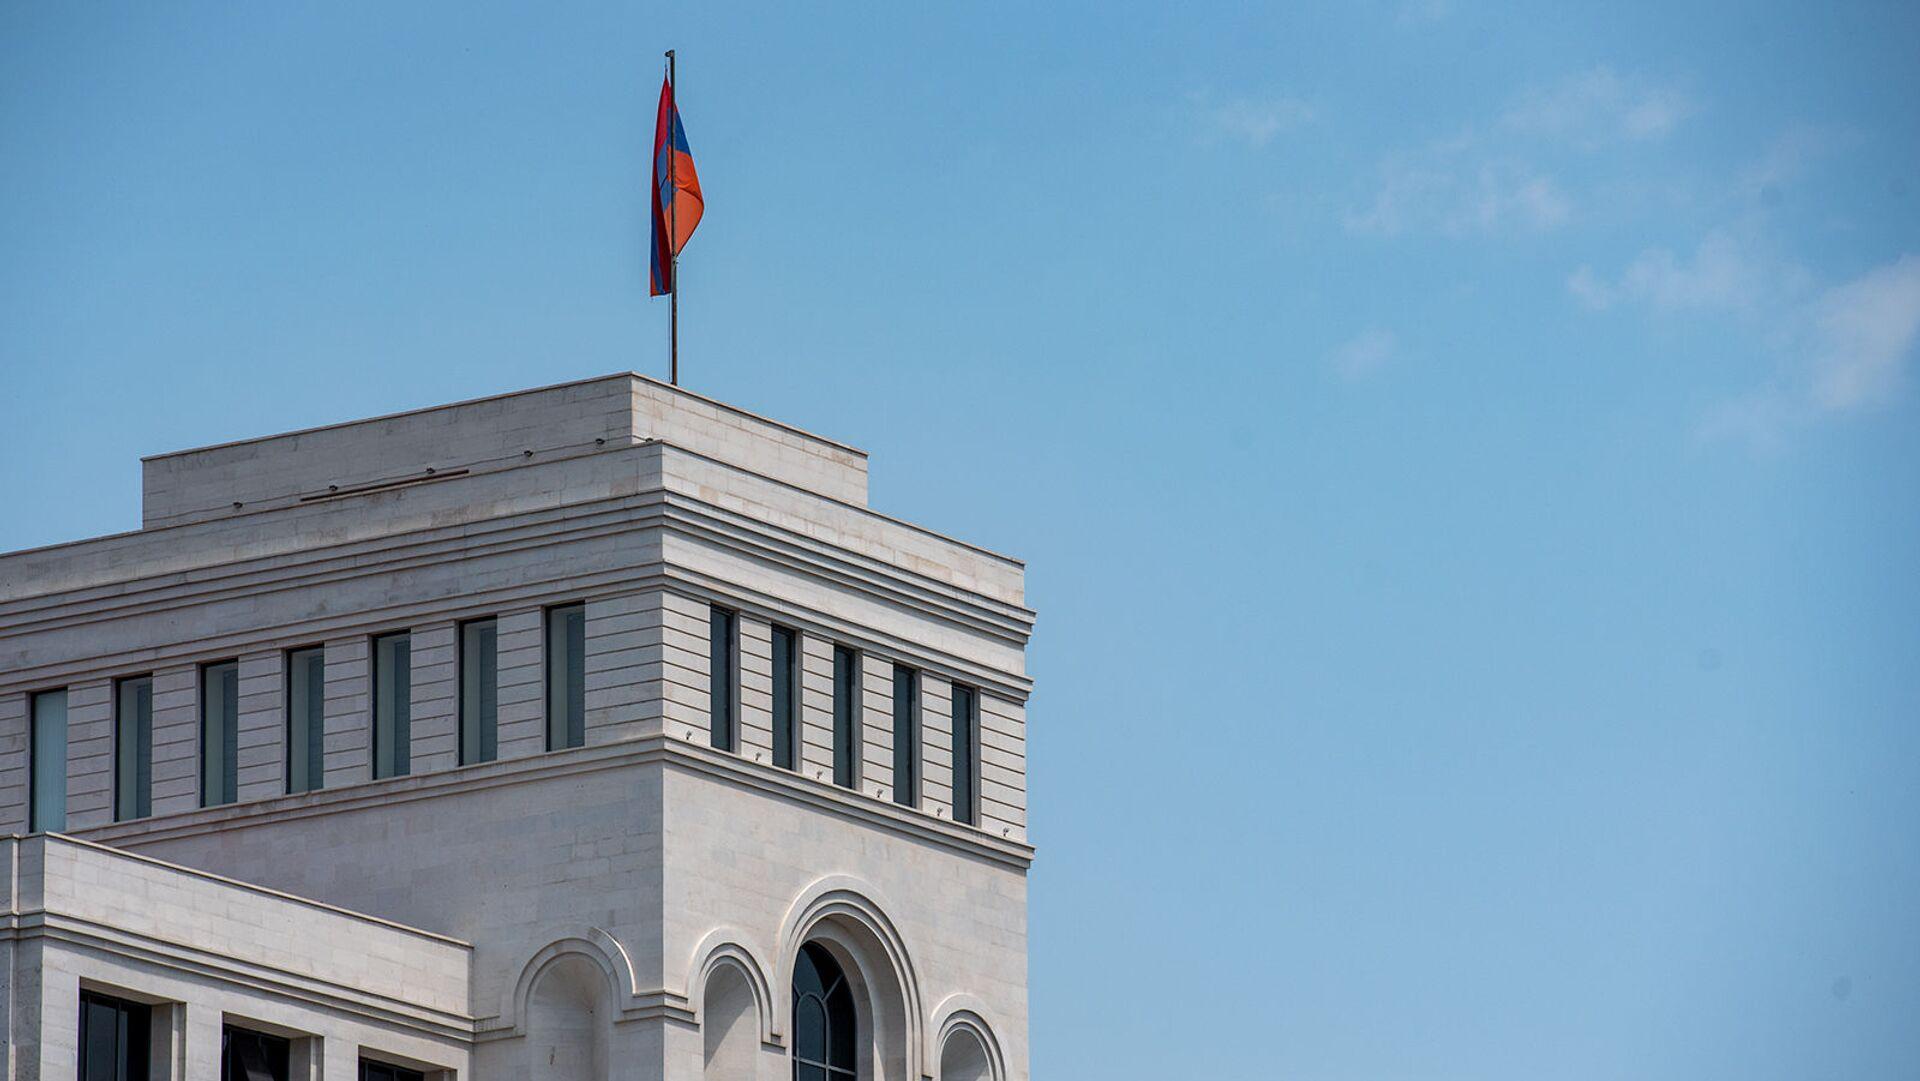 Здание Министерства иностранных дел Армении - Sputnik Армения, 1920, 14.10.2021